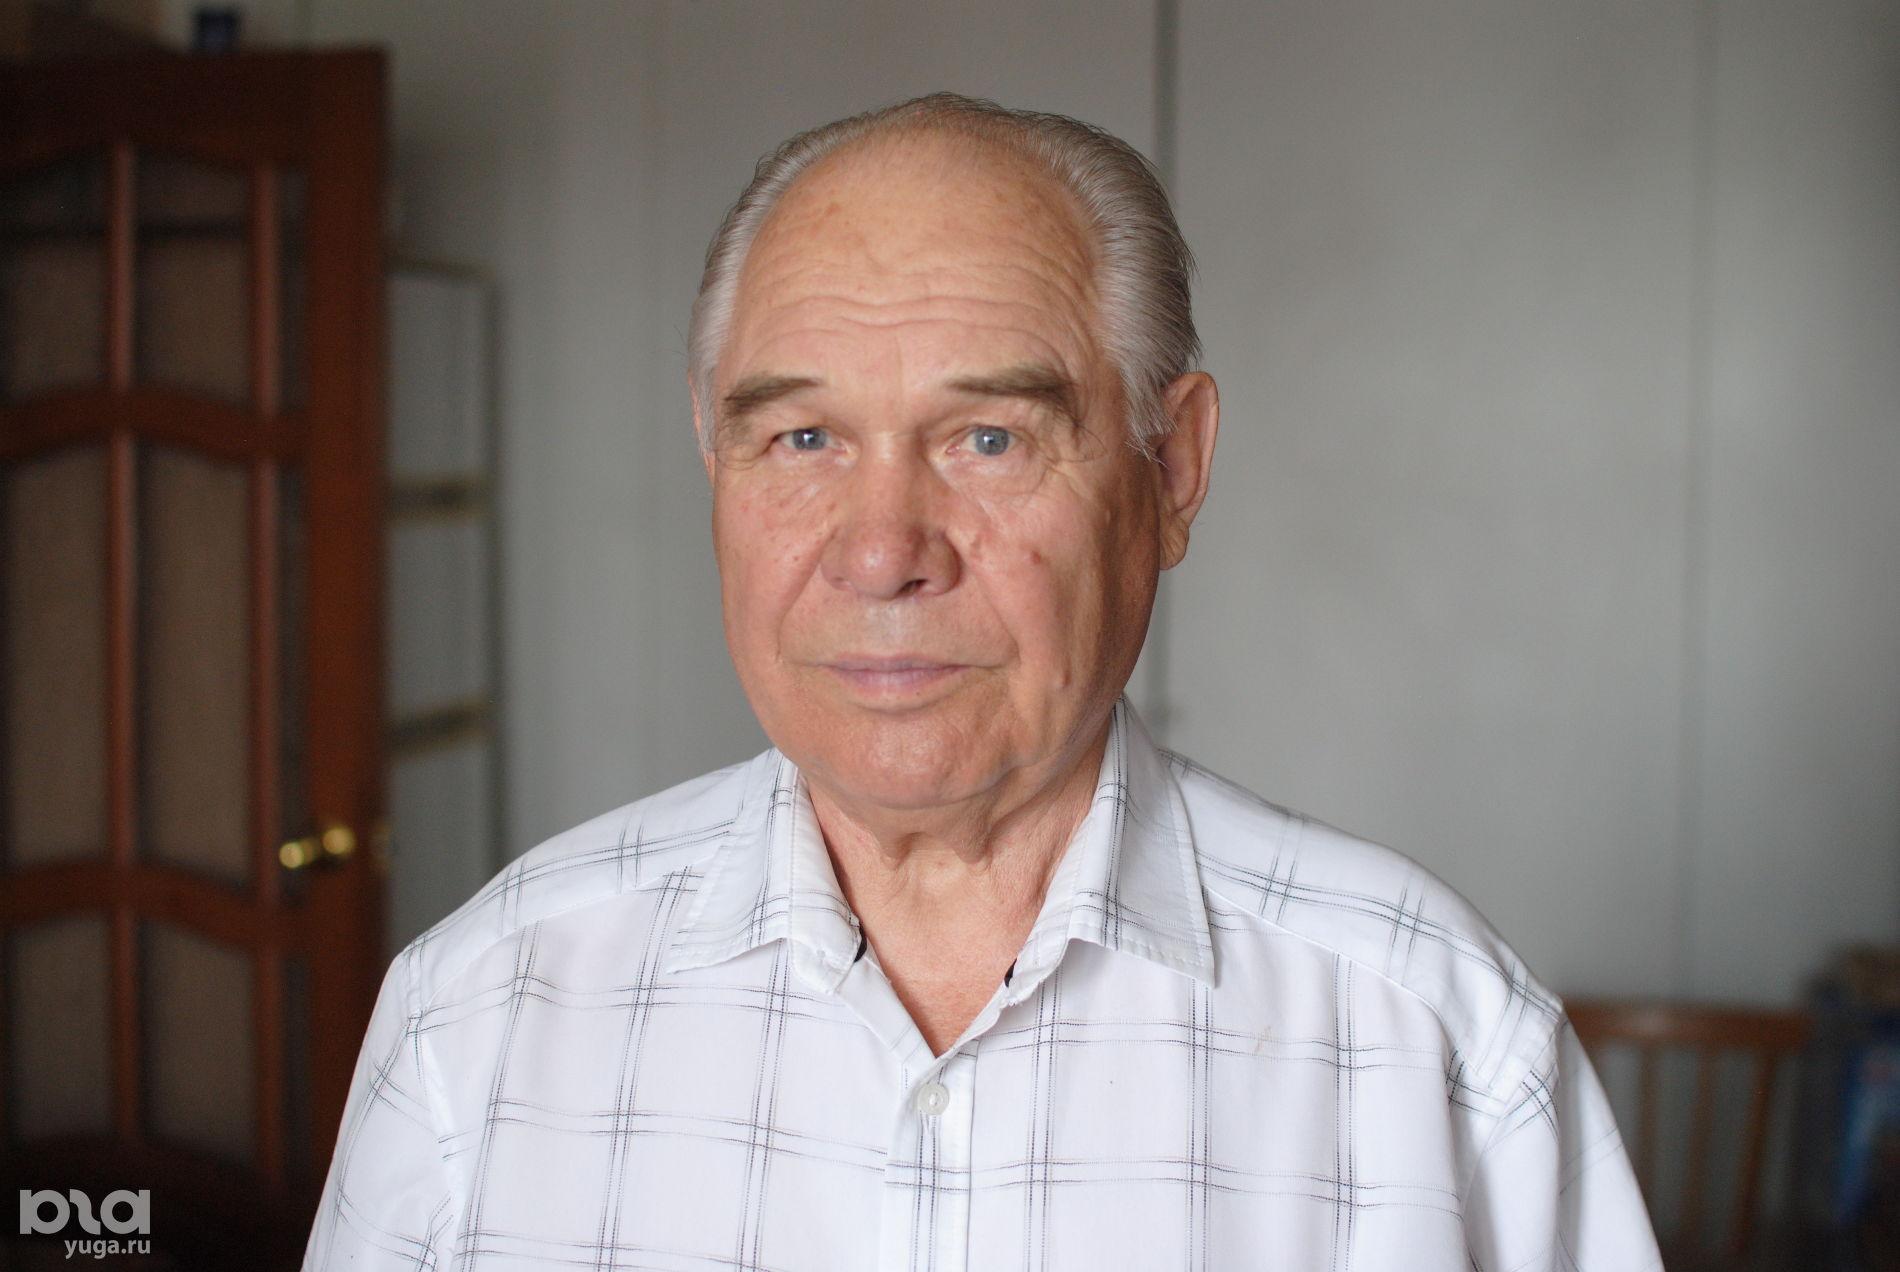 В 1971 году Анатолий Рыбалкин работал в Управлении КГБ СССР по Краснодарскому краю ©Фото Виктора Дерезы, Юга.ру